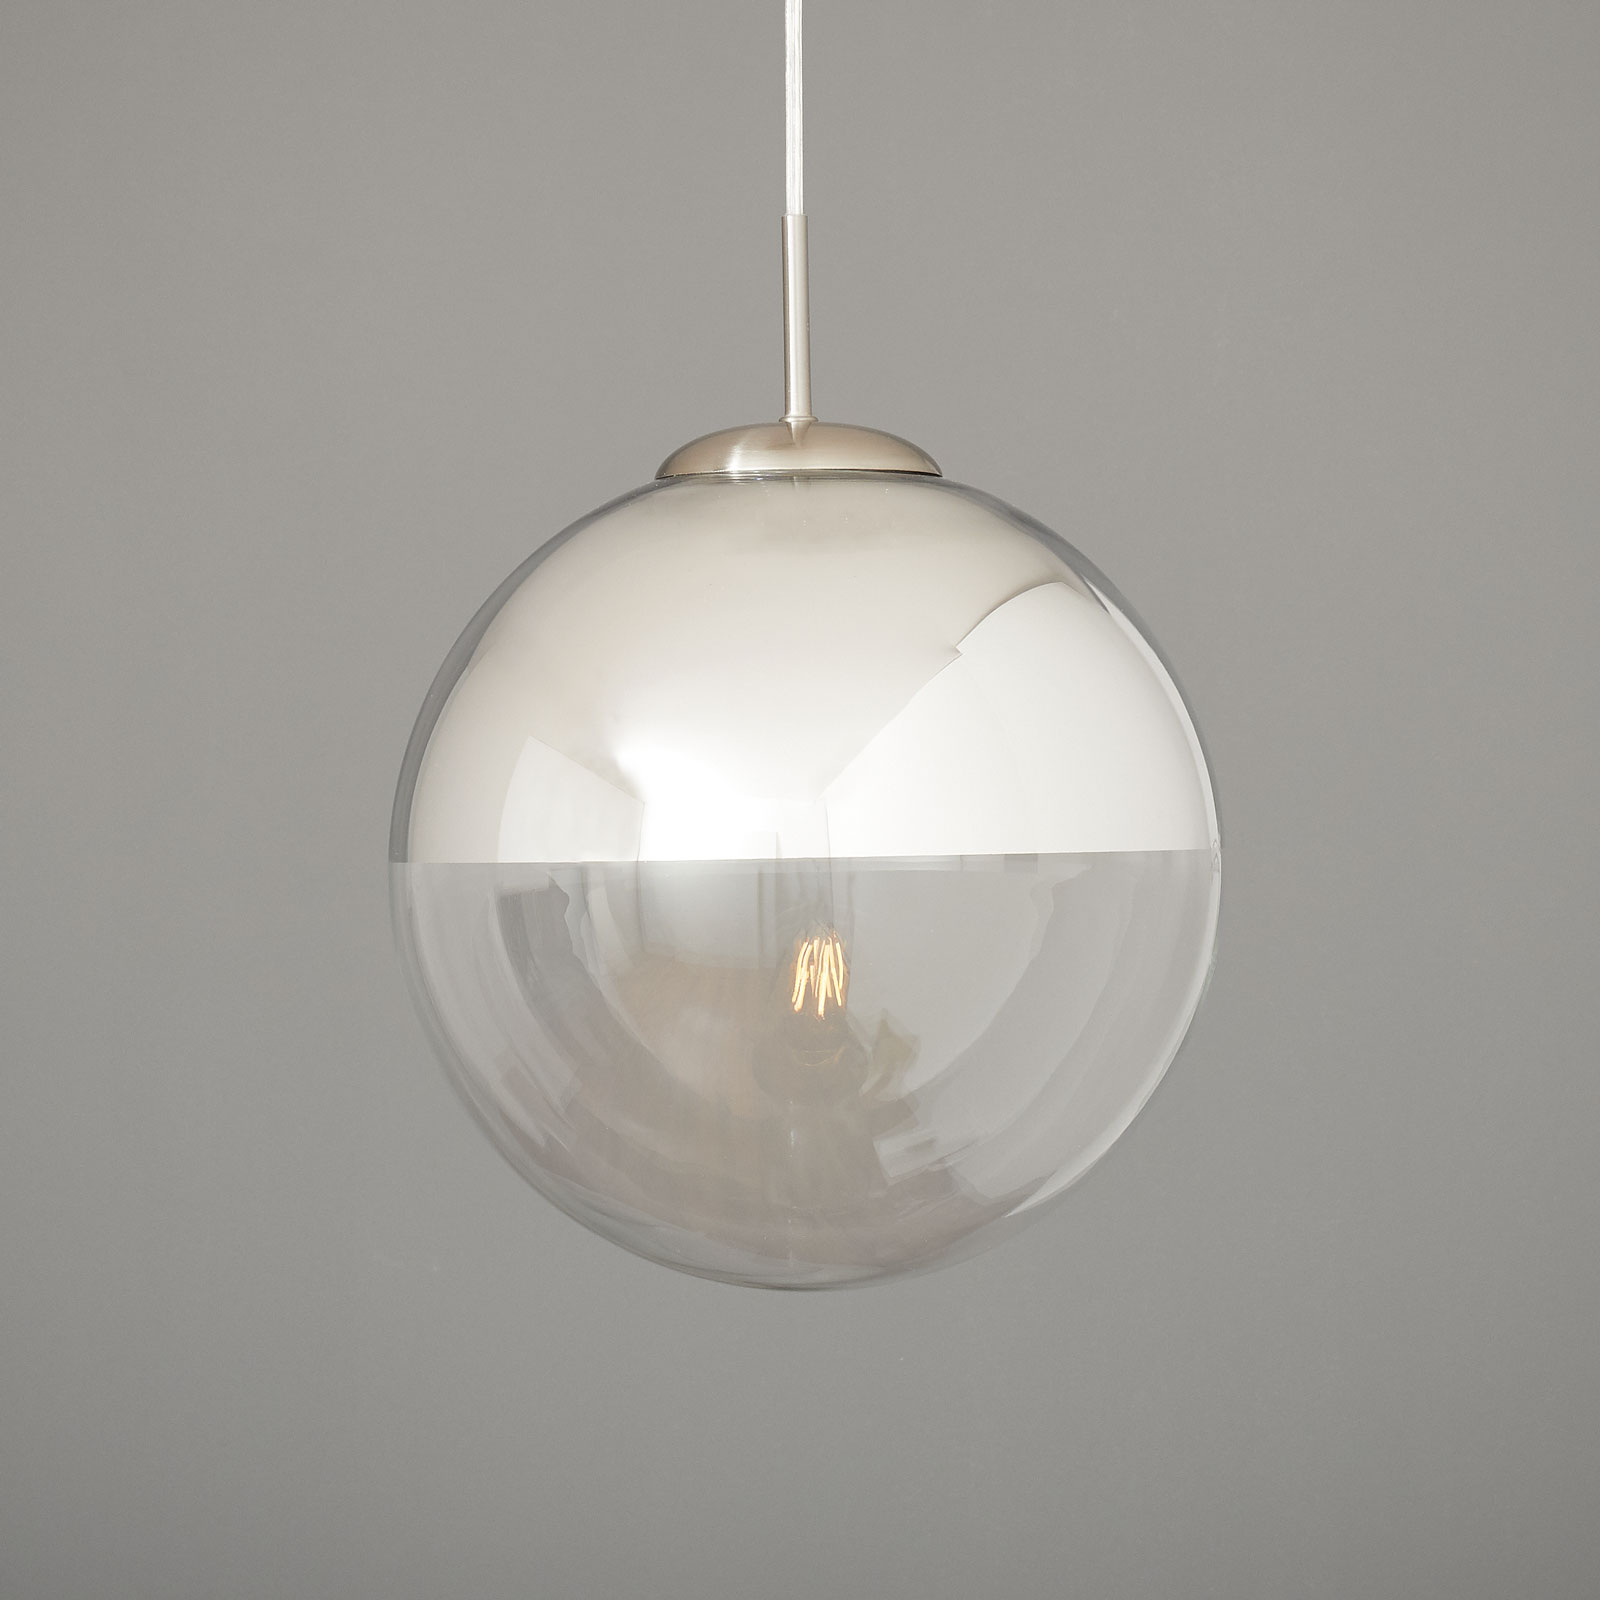 Riippuvalaisin Ravena lasikuulilla, 1-lamppuinen